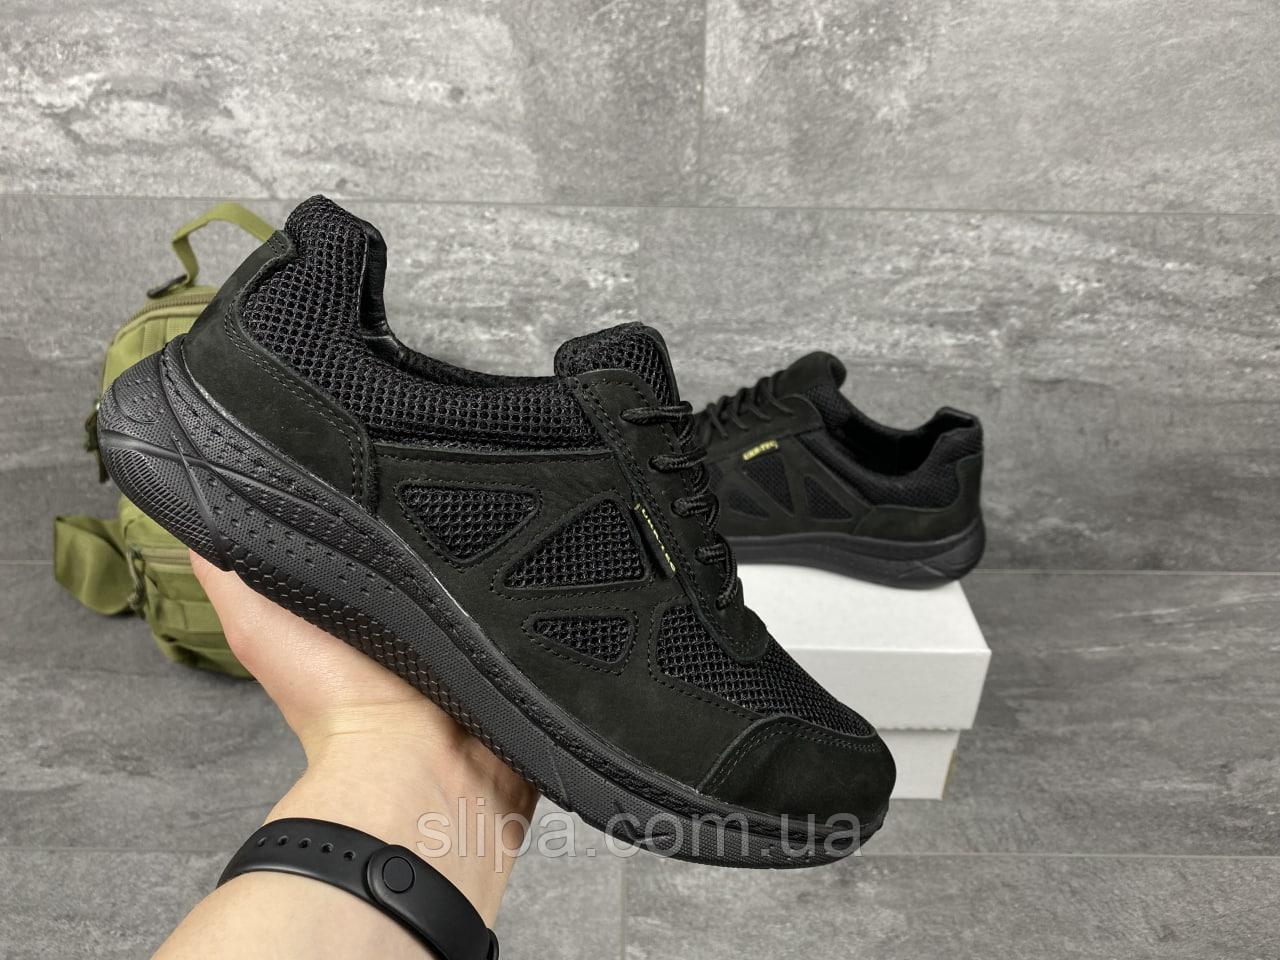 Чорні тактичні кросівки з сіткою UKR TEC   Україна   натуральна шкіра/сітка + поліуретан   прошиті